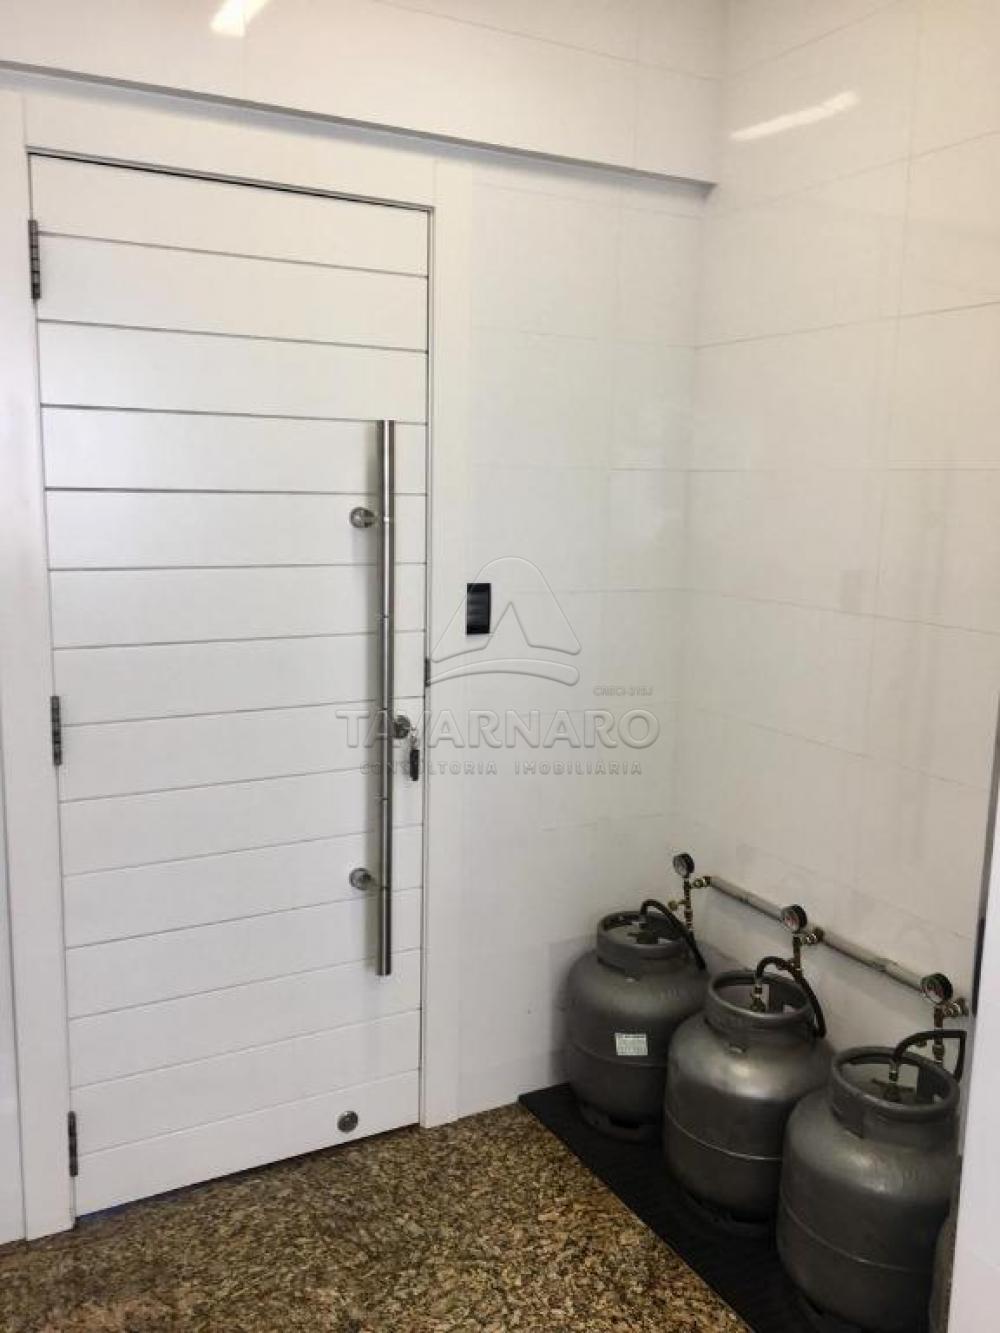 Comprar Apartamento / Padrão em Ponta Grossa R$ 620.000,00 - Foto 28